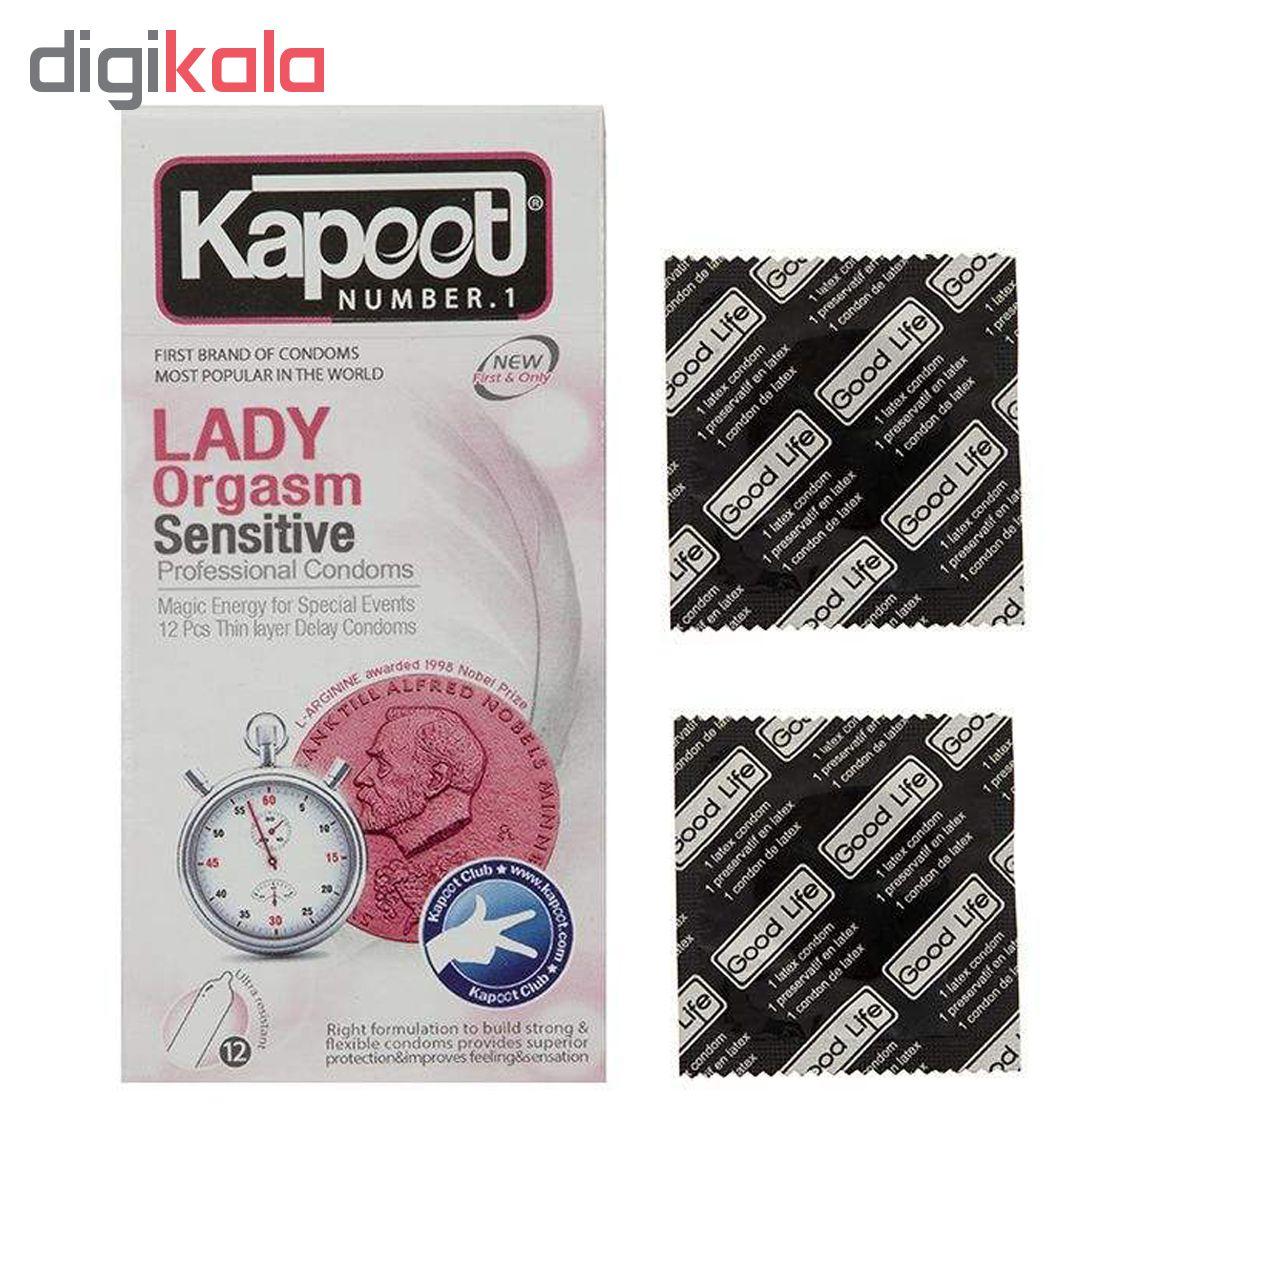 کاندوم کاپوت مدل Lady بسته 12 عددی به همراه کاندوم گود لایف مدل کلاسیک مجموعه 2 عددی